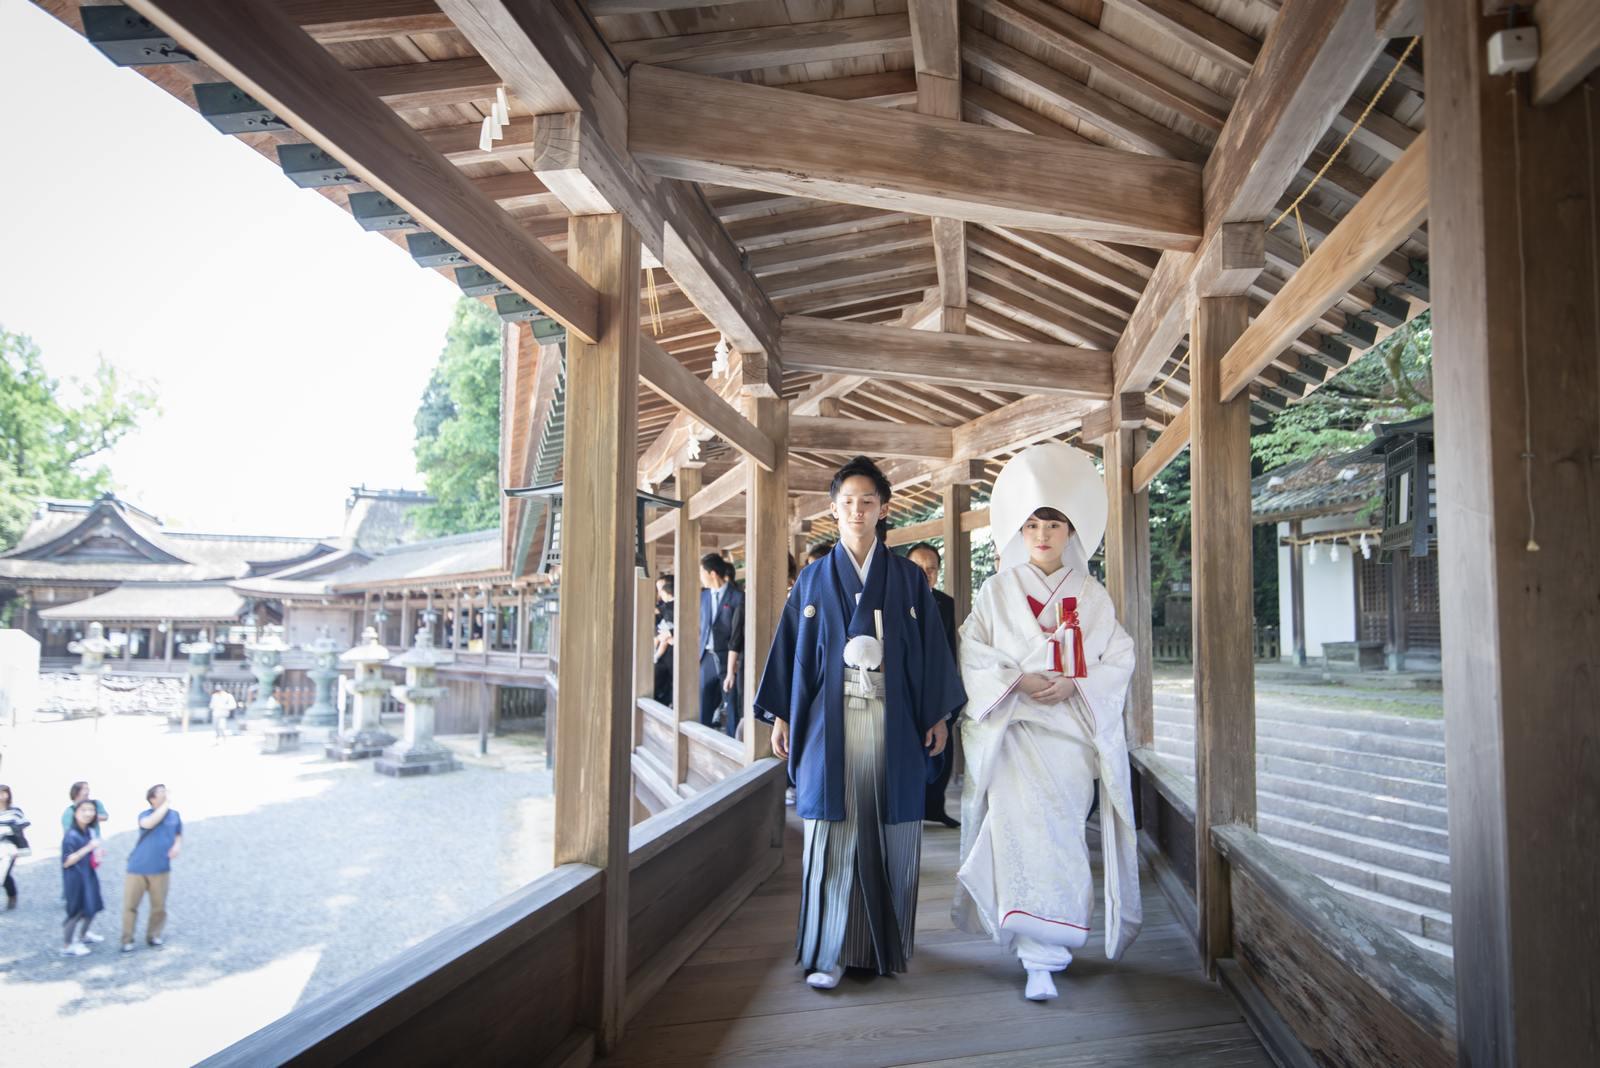 香川県の結婚式場シェルエメール&アイスタイル 金比羅での神前式